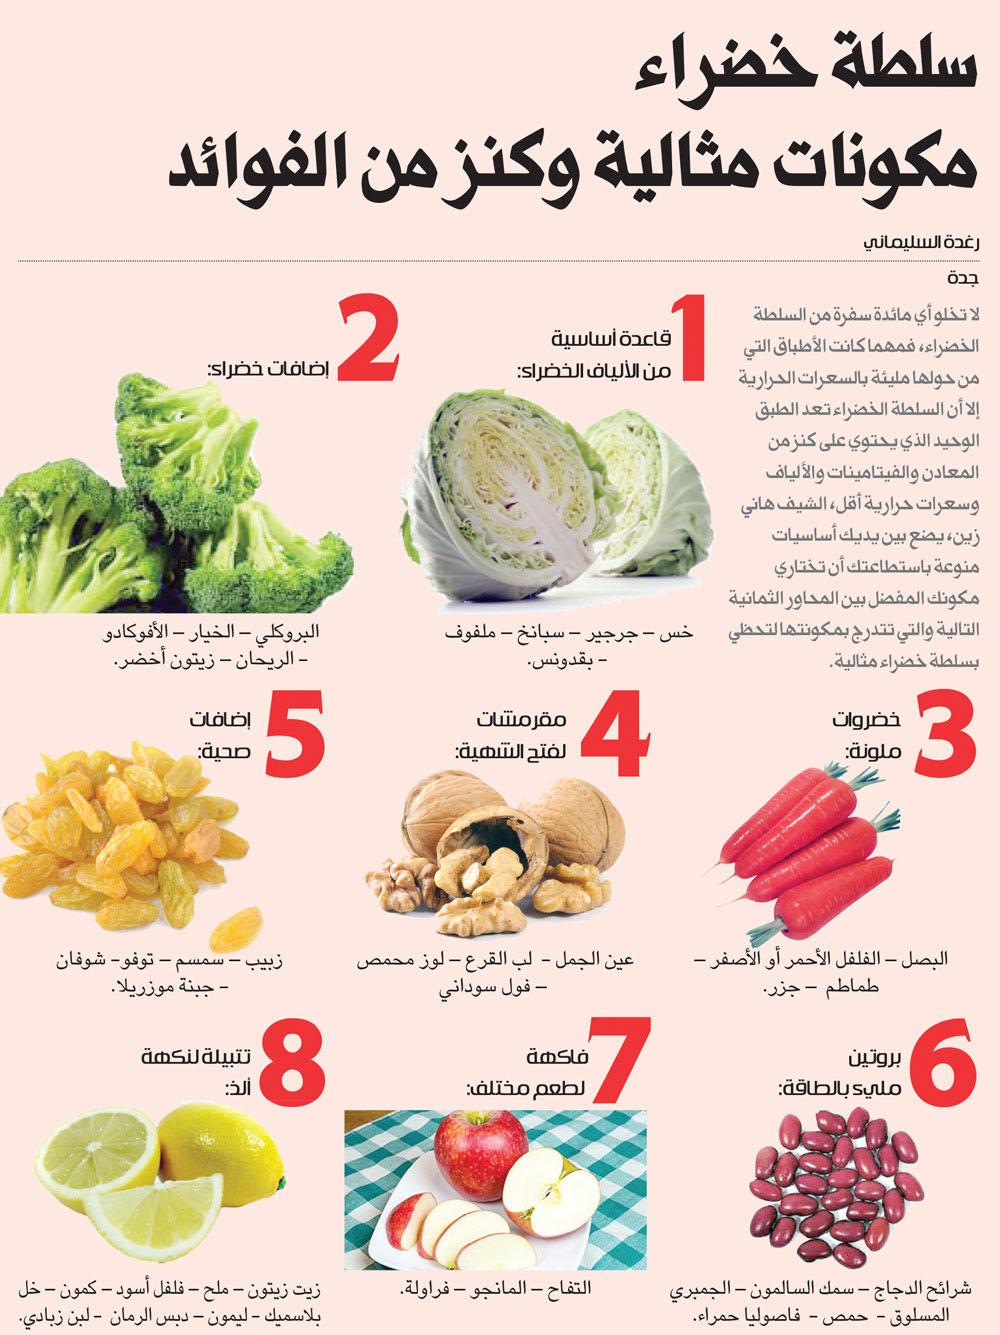 سلطة خضراء مكونات مثالية وكنز من الفوائد صحيفة مكة